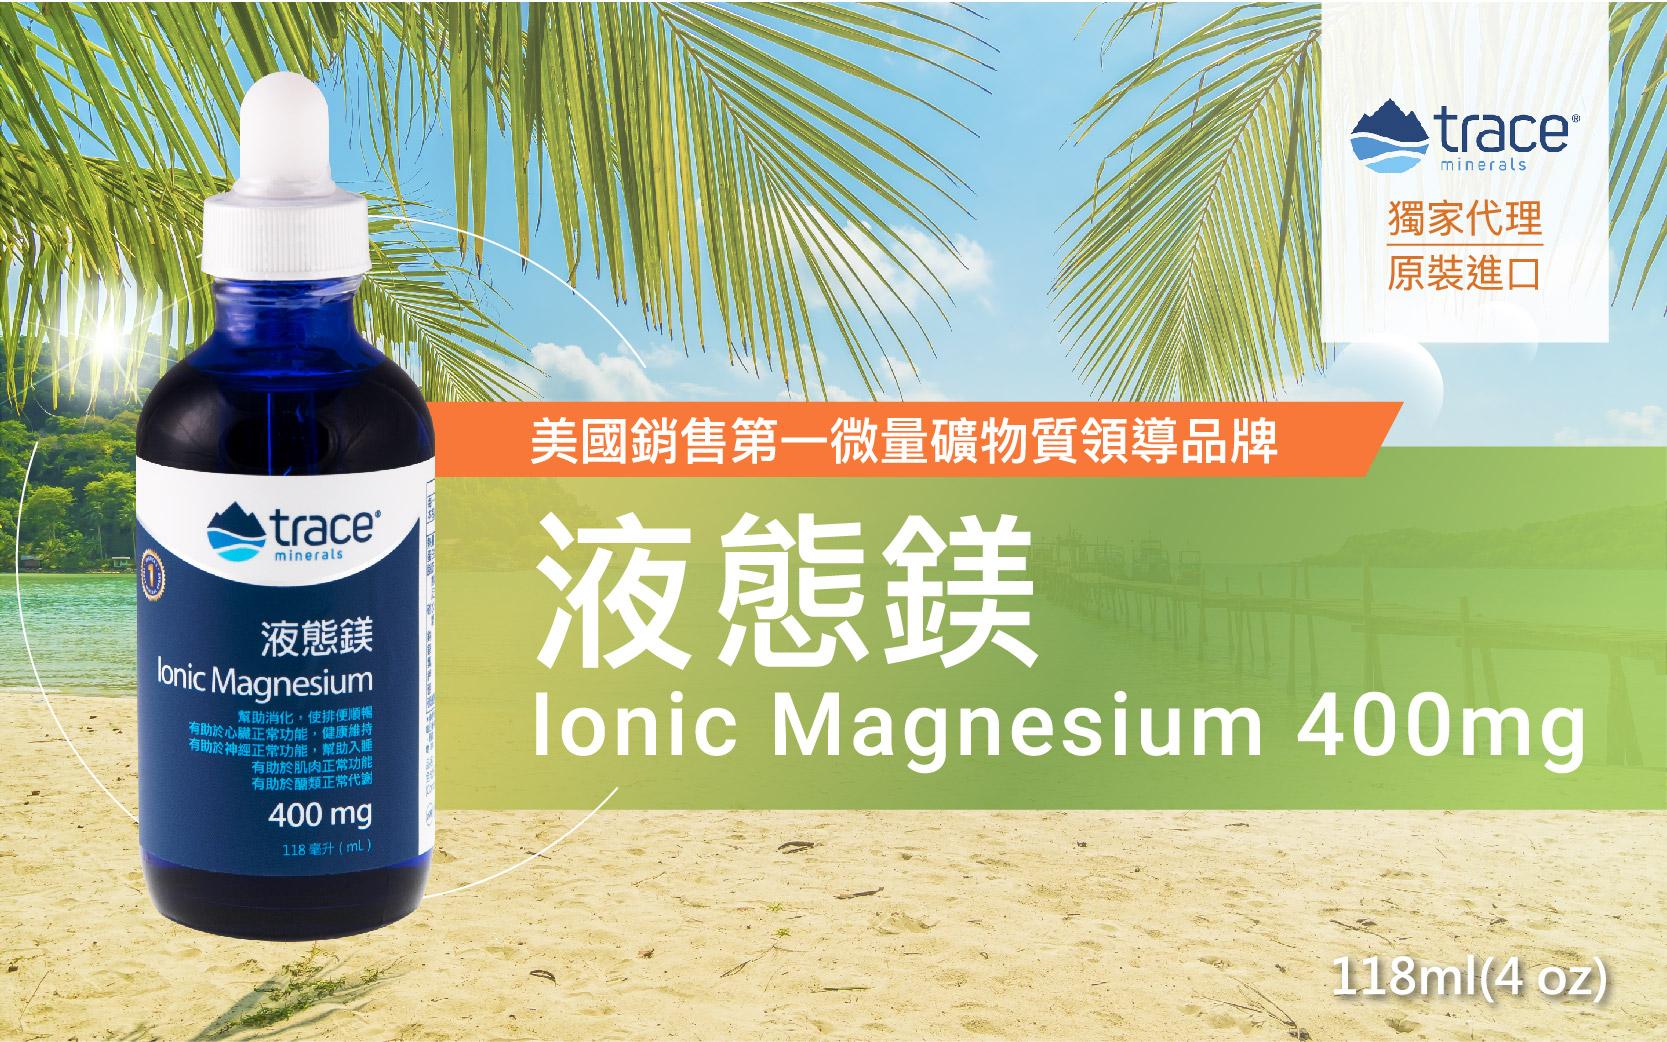 萃思鎂 液態鎂-美國銷售第一微量礦物質領導品牌 Ionic Magnesium 400mg